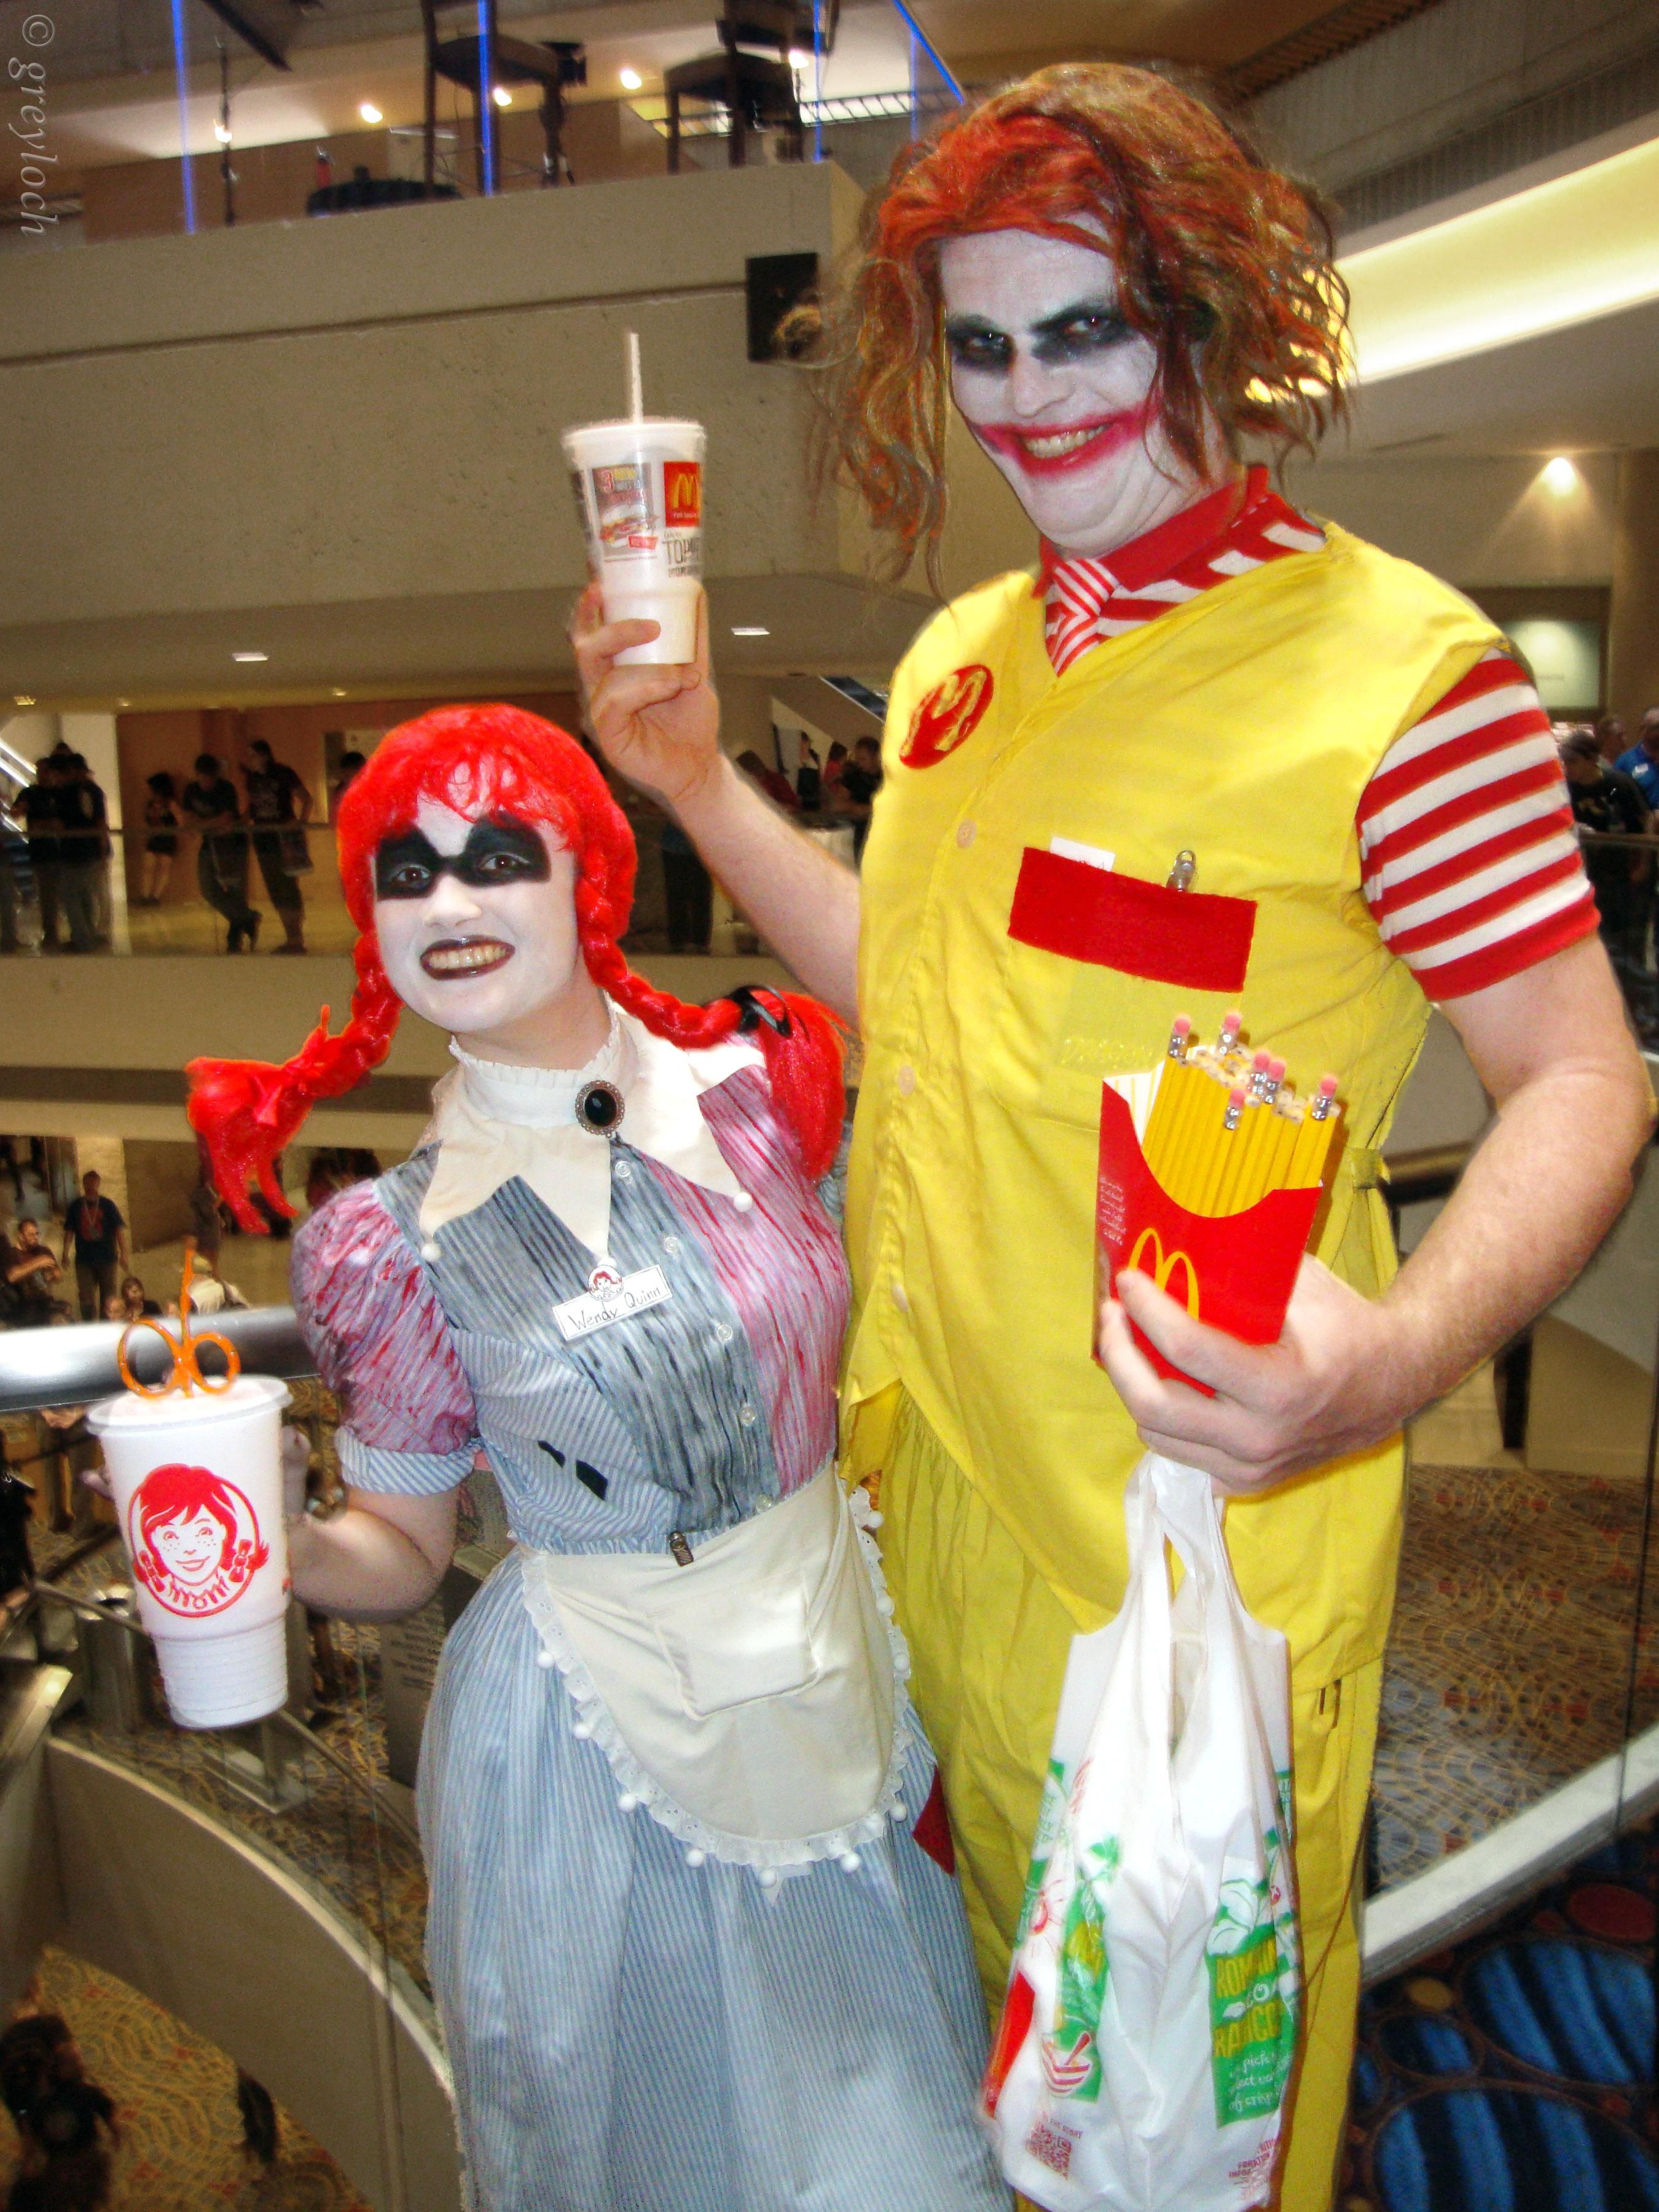 Fast Food Mascot Costumes